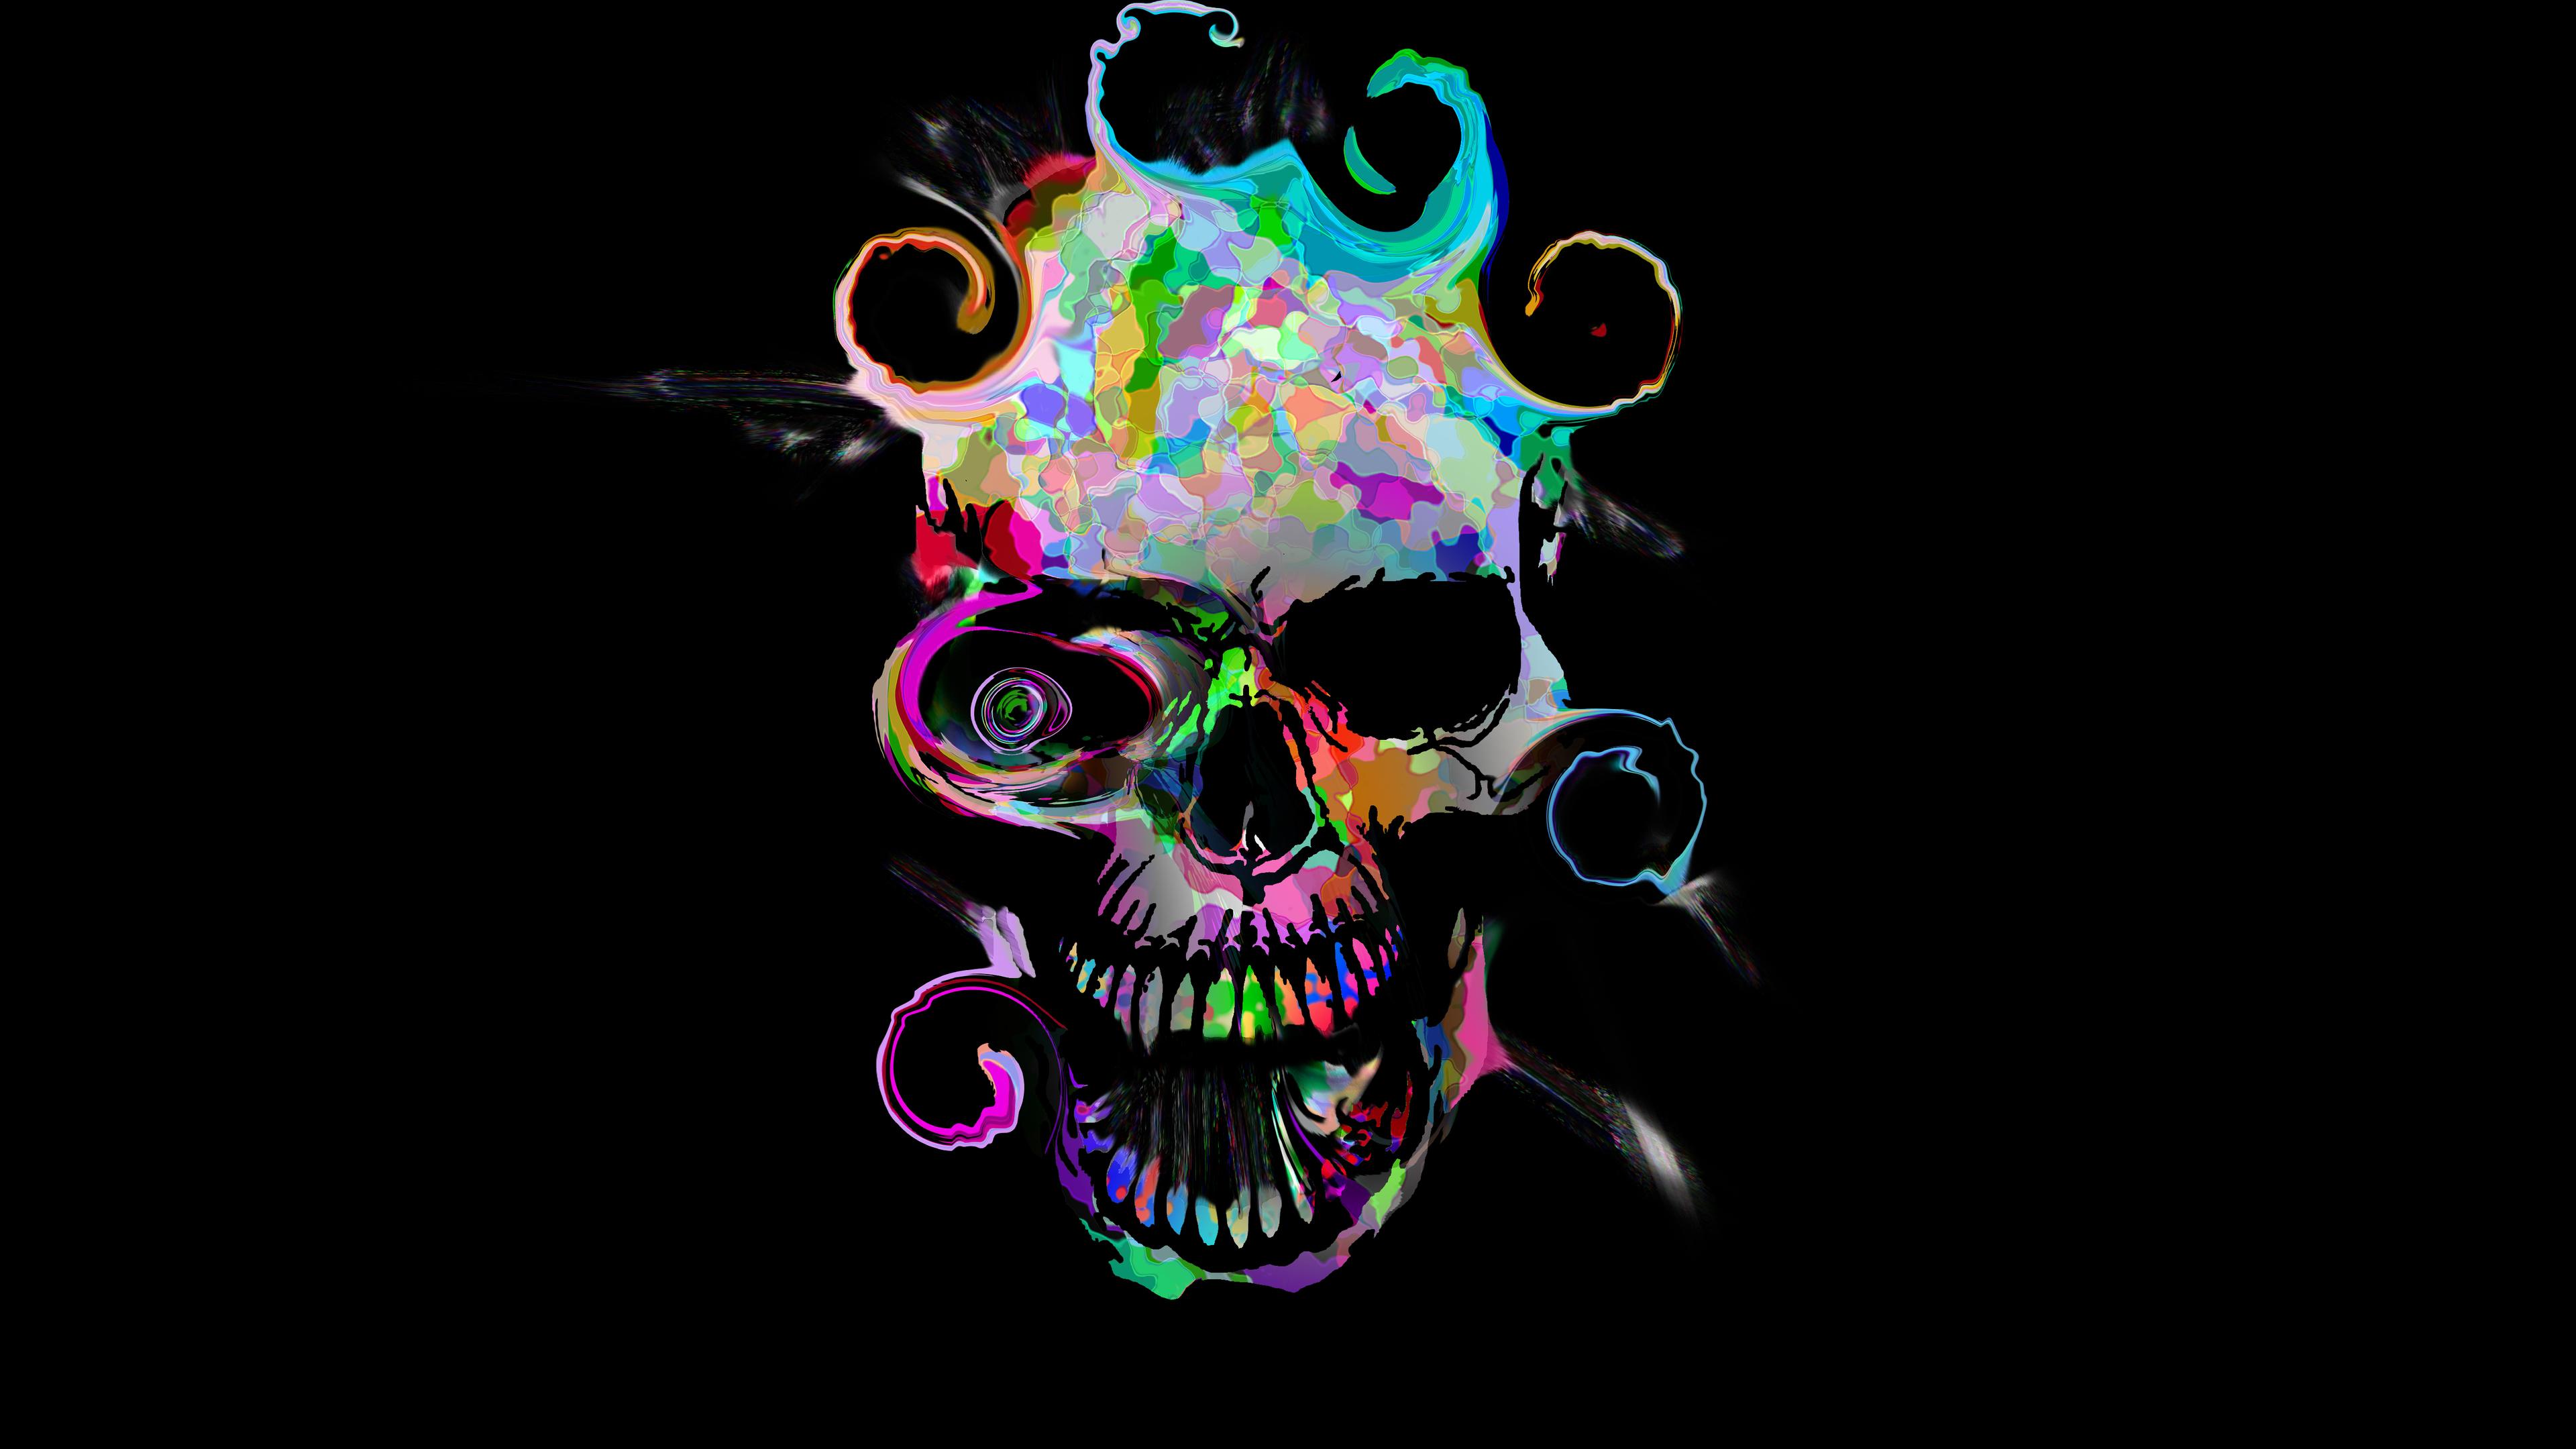 artistic colorful skull 4k 1540754987 - Artistic Colorful Skull 4k - skull wallpapers, hd-wallpapers, deviantart wallpapers, artwork wallpapers, artist wallpapers, 5k wallpapers, 4k-wallpapers